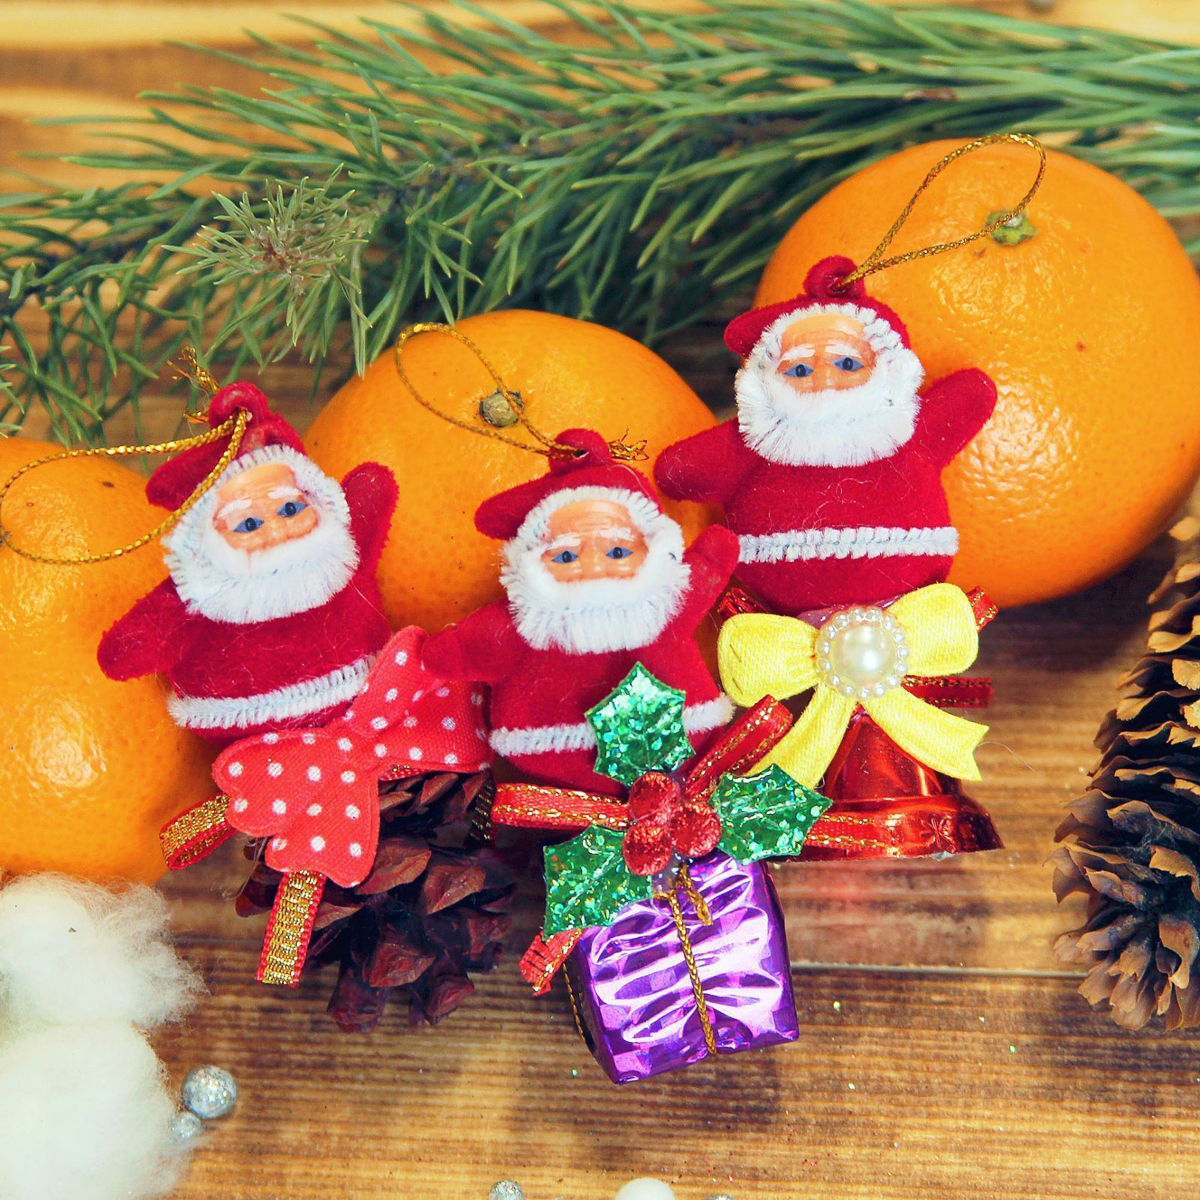 Набор новогодних подвесных украшений Дедушка Мороз. Колокольчик, шишка, подарок, 2,5 х 6 см, 3 шт2372120Набор новогодних подвесных украшений отлично подойдет для декорации вашего дома и новогодней ели. С помощью специальной петельки украшение можно повесить в любом понравившемся вам месте. Но, конечно, удачнее всего оно будет смотреться на праздничной елке.Елочная игрушка - символ Нового года. Она несет в себе волшебство и красоту праздника. Такое украшение создаст в вашем доме атмосферу праздника, веселья и радости.